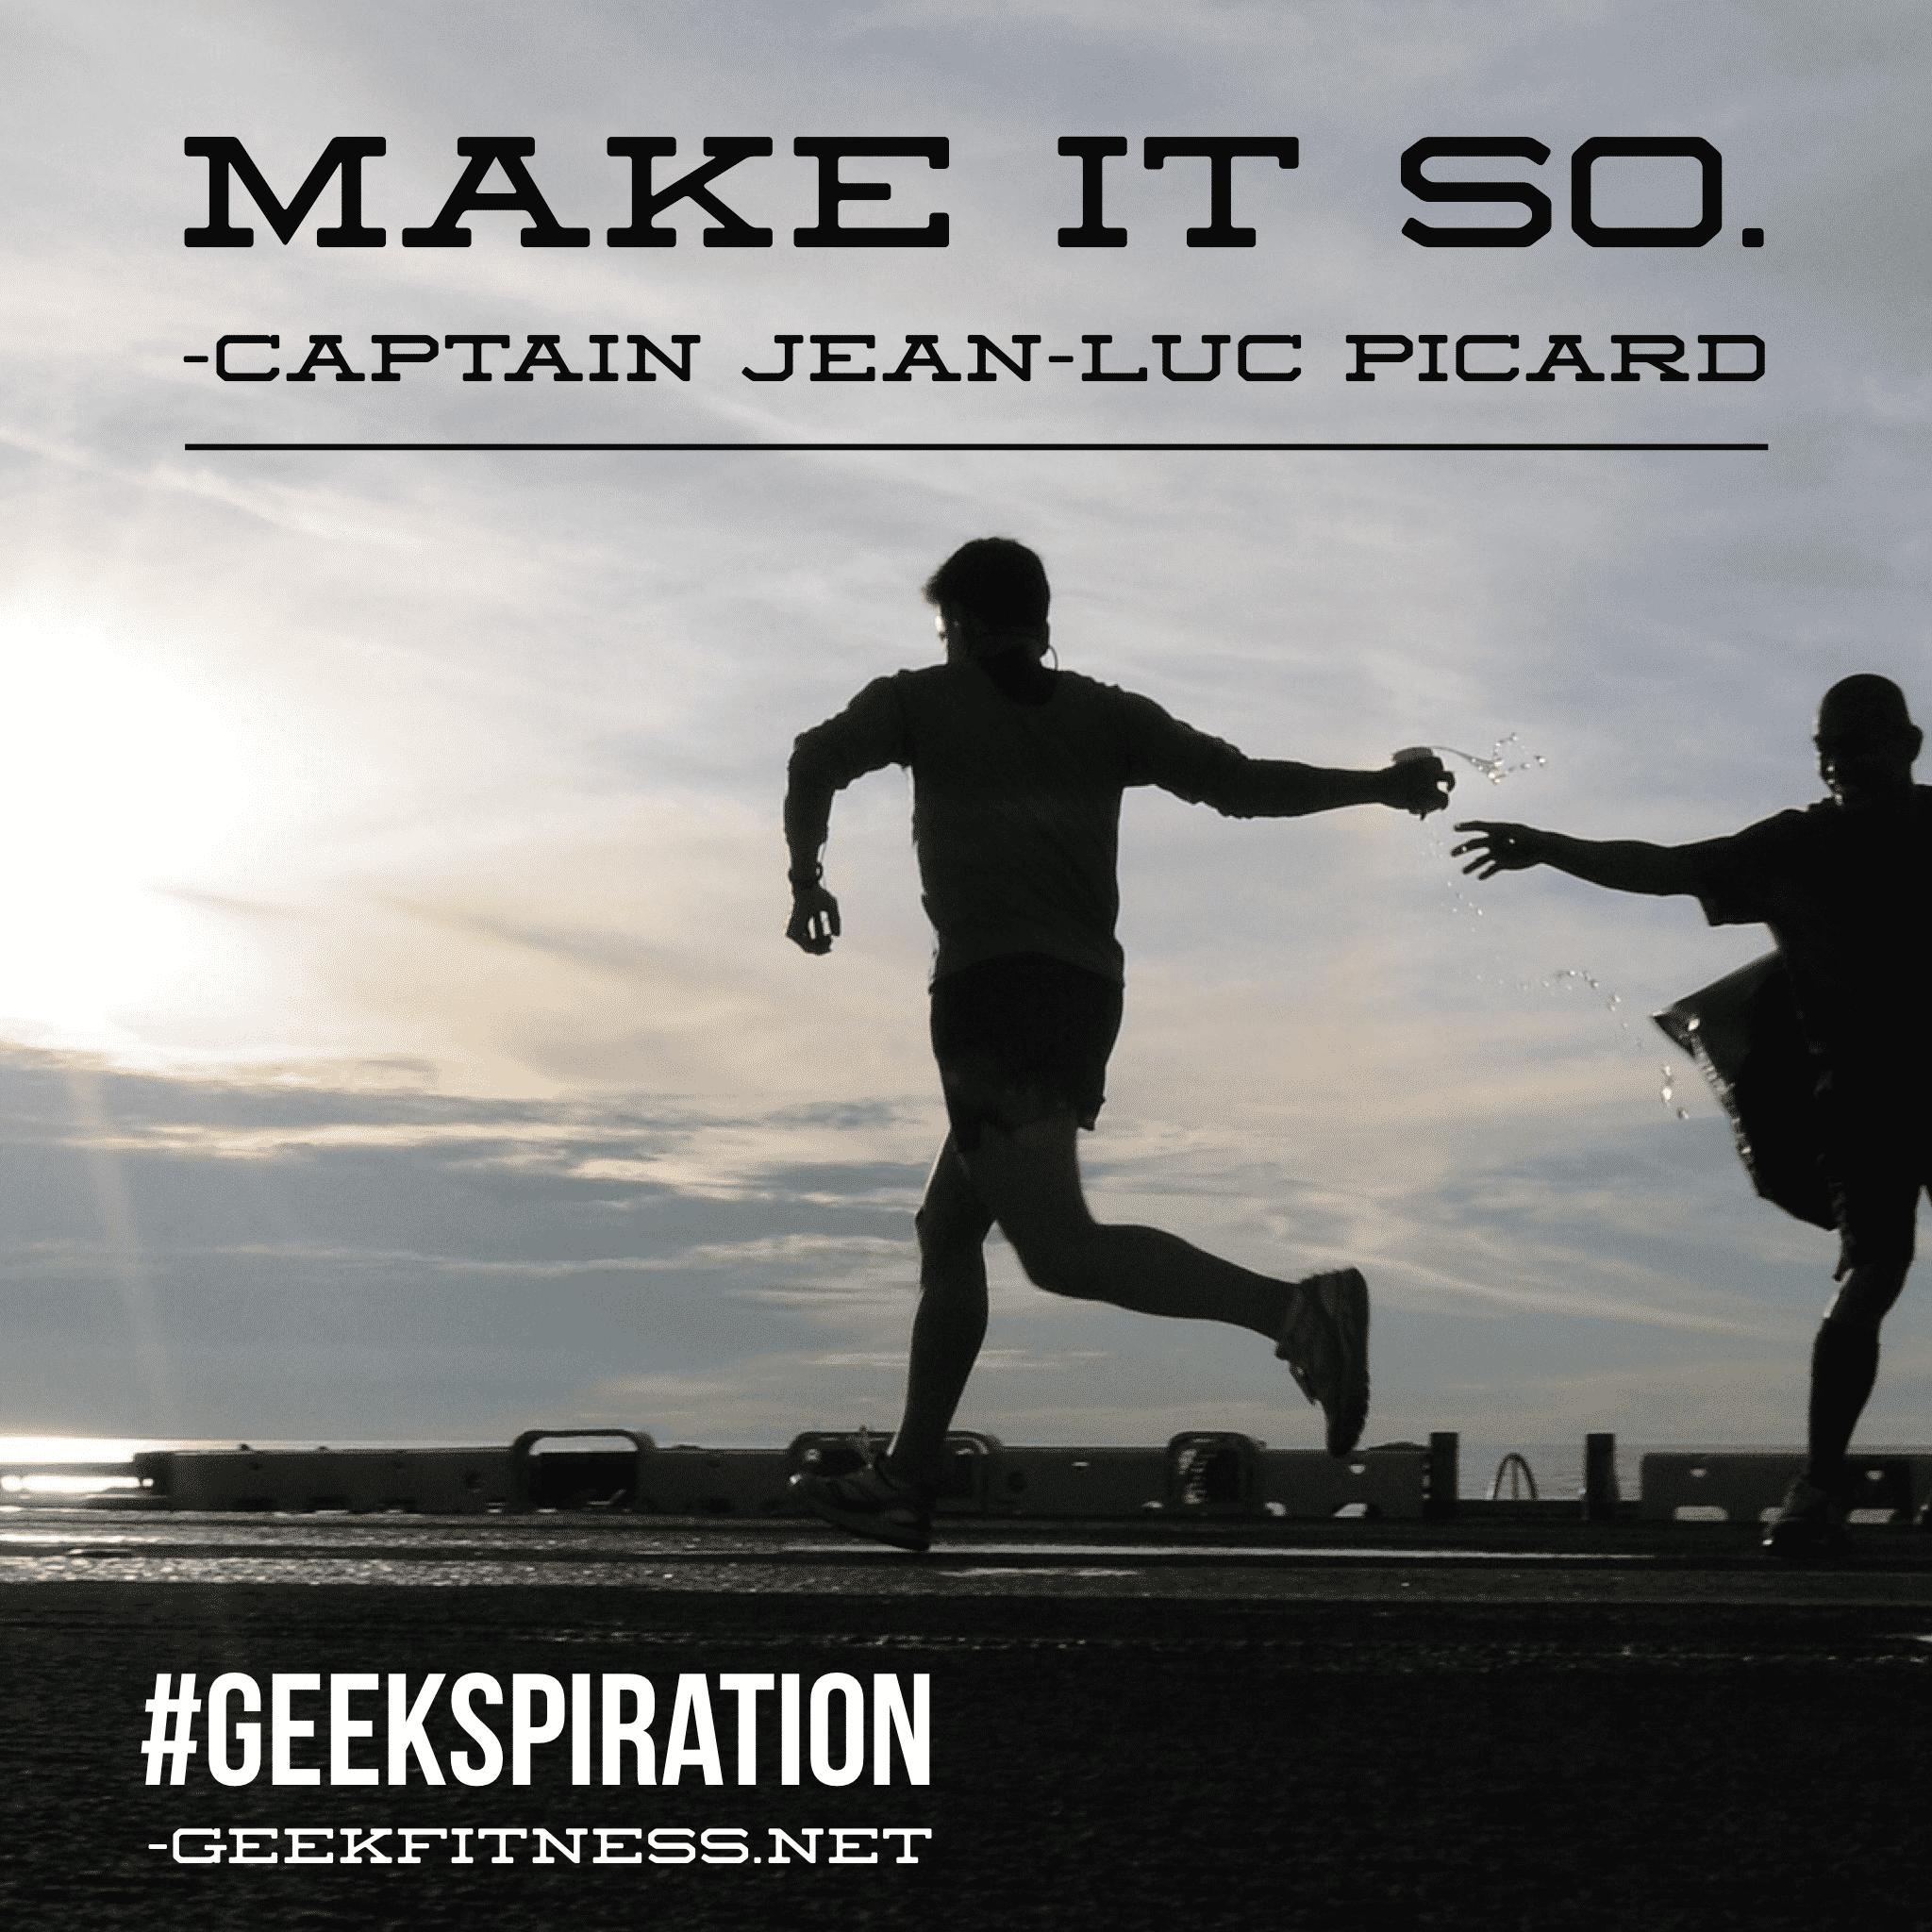 Make It So Geekspiration